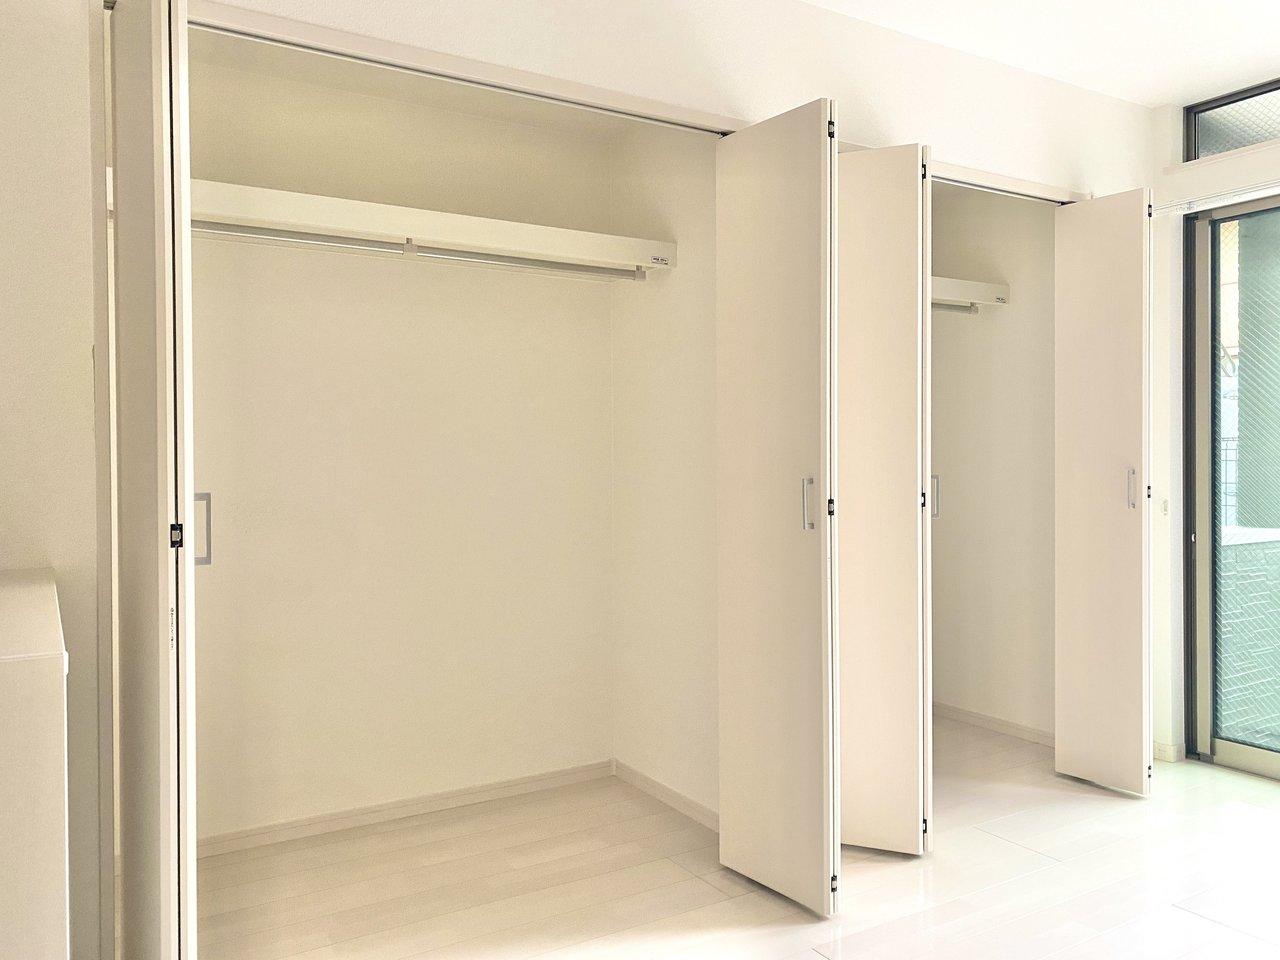 大きなクローゼットが2つもあって、大容量!これなら部屋がごちゃごちゃせず、ホテルライクに暮らせそうですね。